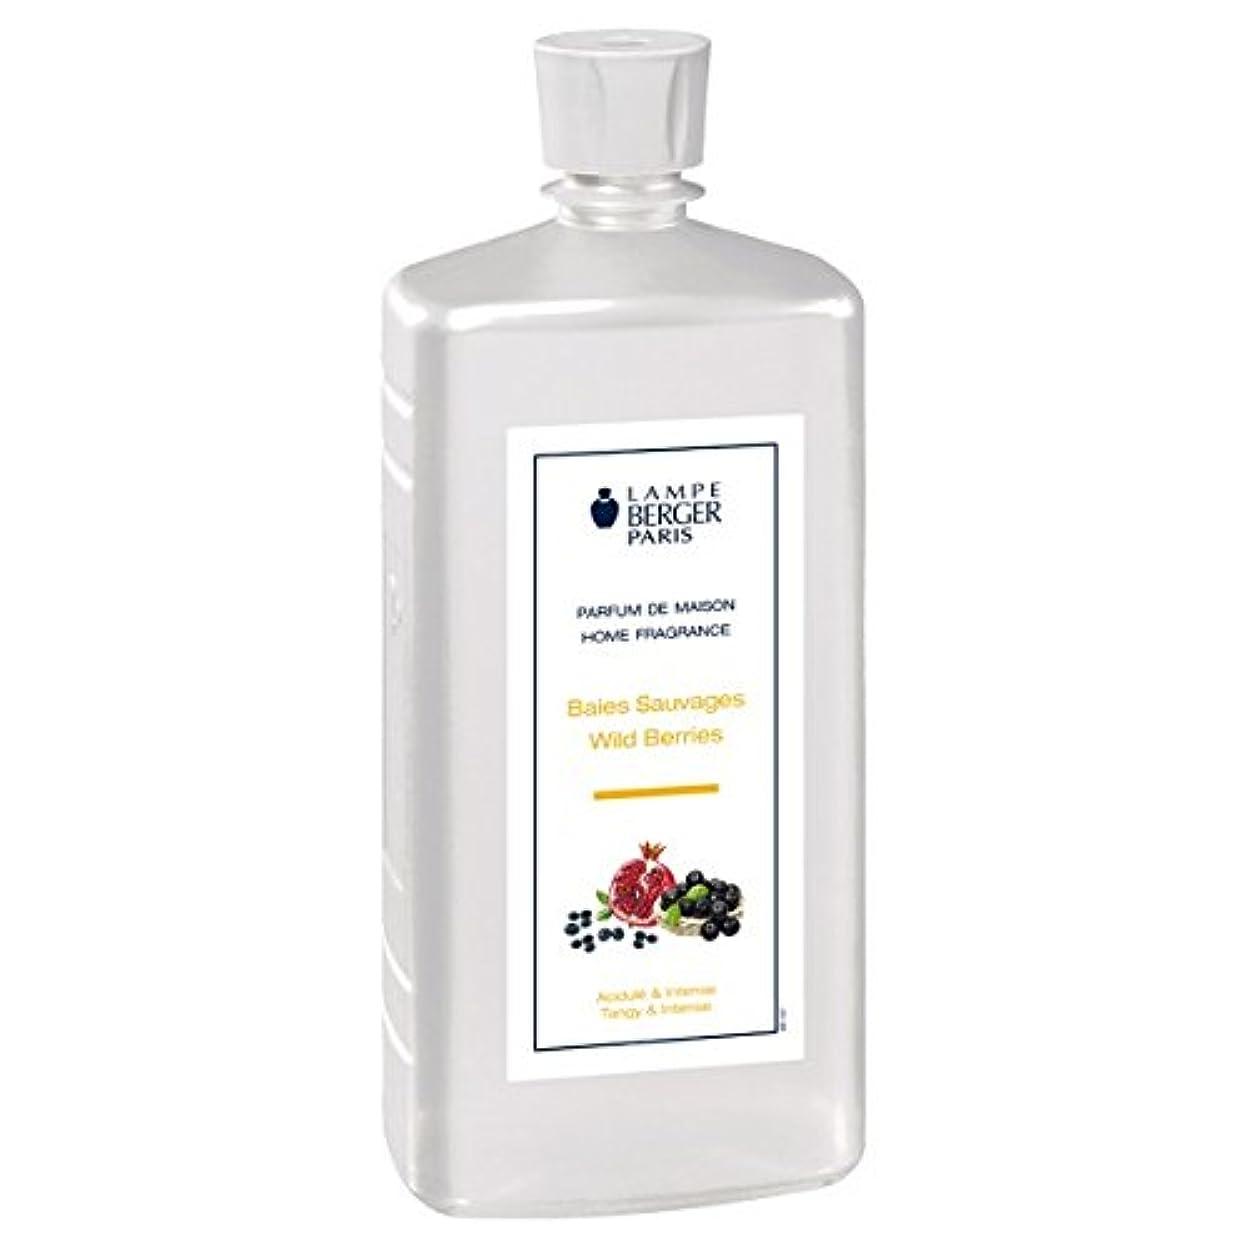 故障はちみつ地域ランプベルジェパリ直輸入パフュームアロマオイル1Lワイルドベリーズの香り(甘いリキュールの香りがアクセントでラストのレッドドラゴンフルーツやムスクなどの優しいハーモニーの香り